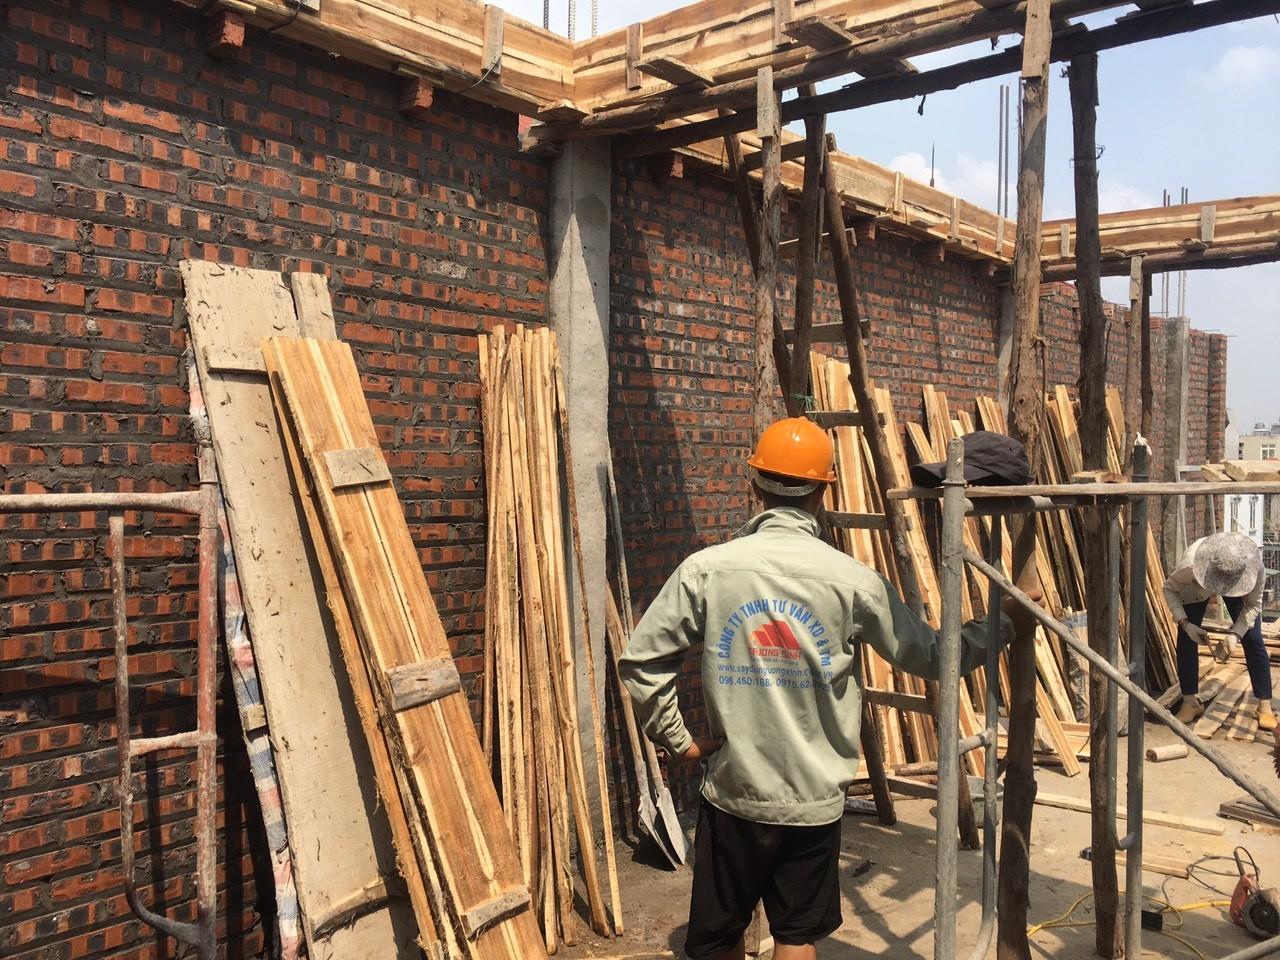 Kinh nghiệm sửa chữa nhà ở Hà Nội đặc biệt là nhà cấp 4